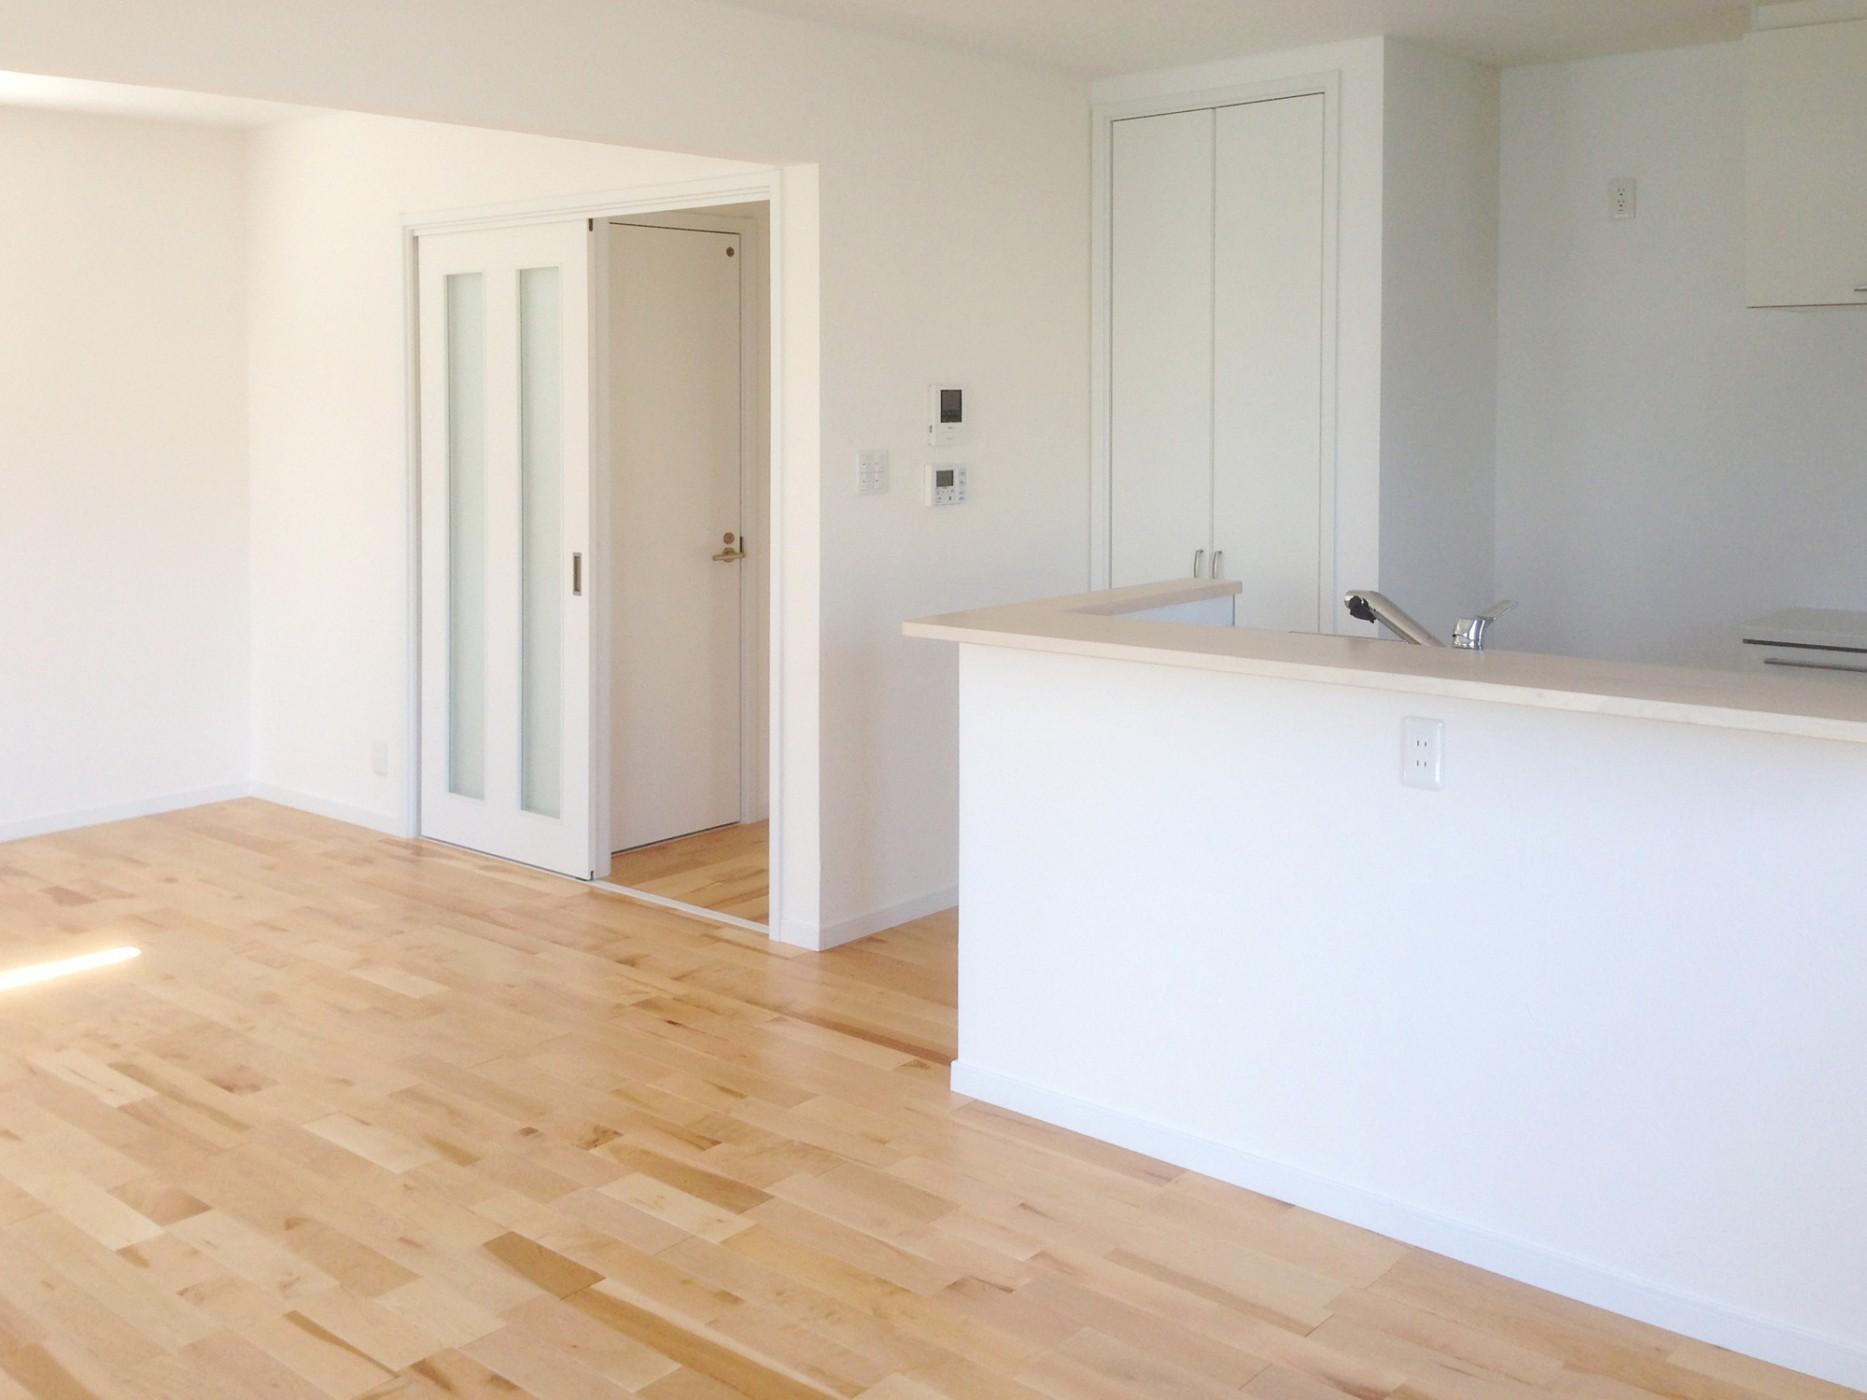 室内は建具や住宅設備も白で統一し、明るい空間になりました。